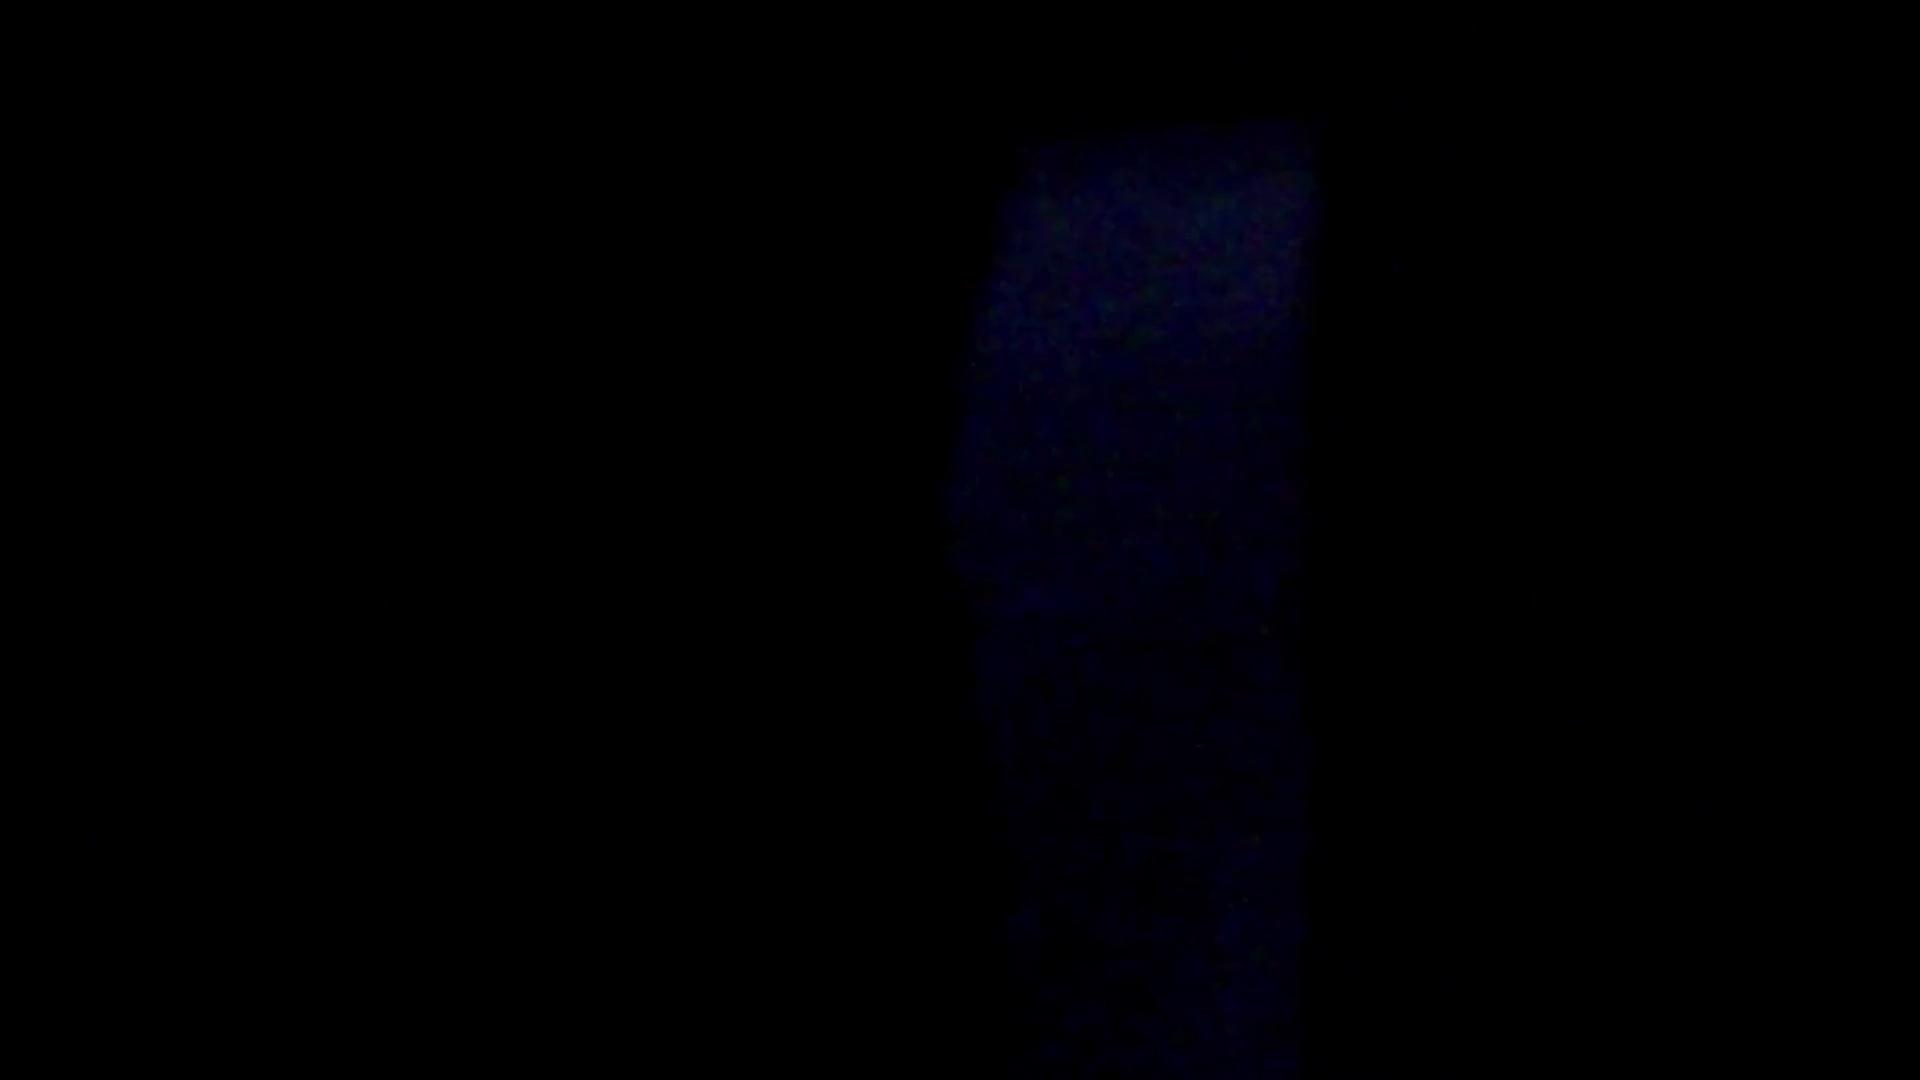 巨根 オナニー塾Vol.16 オナニー アダルトビデオ画像キャプチャ 106枚 50